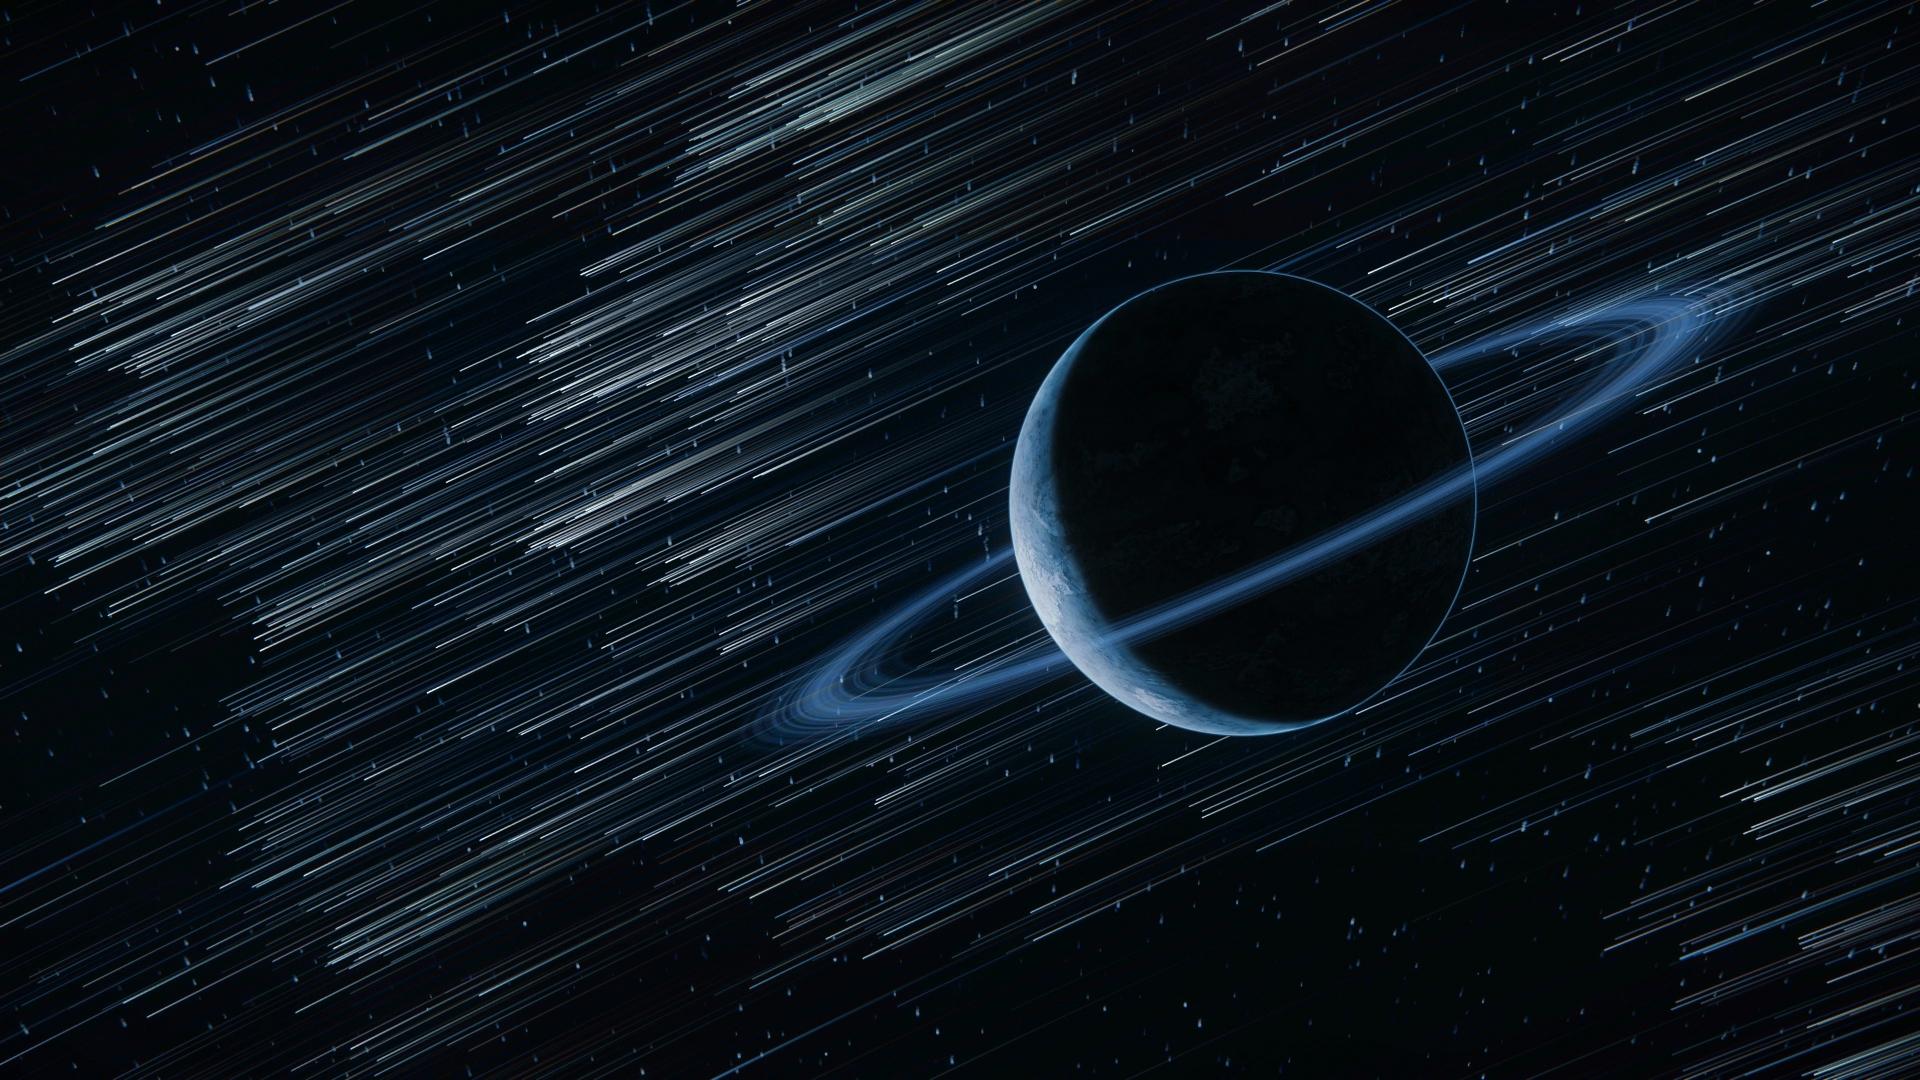 1920x1080 Saturn Planet 1080p Laptop Full Hd Wallpaper Hd